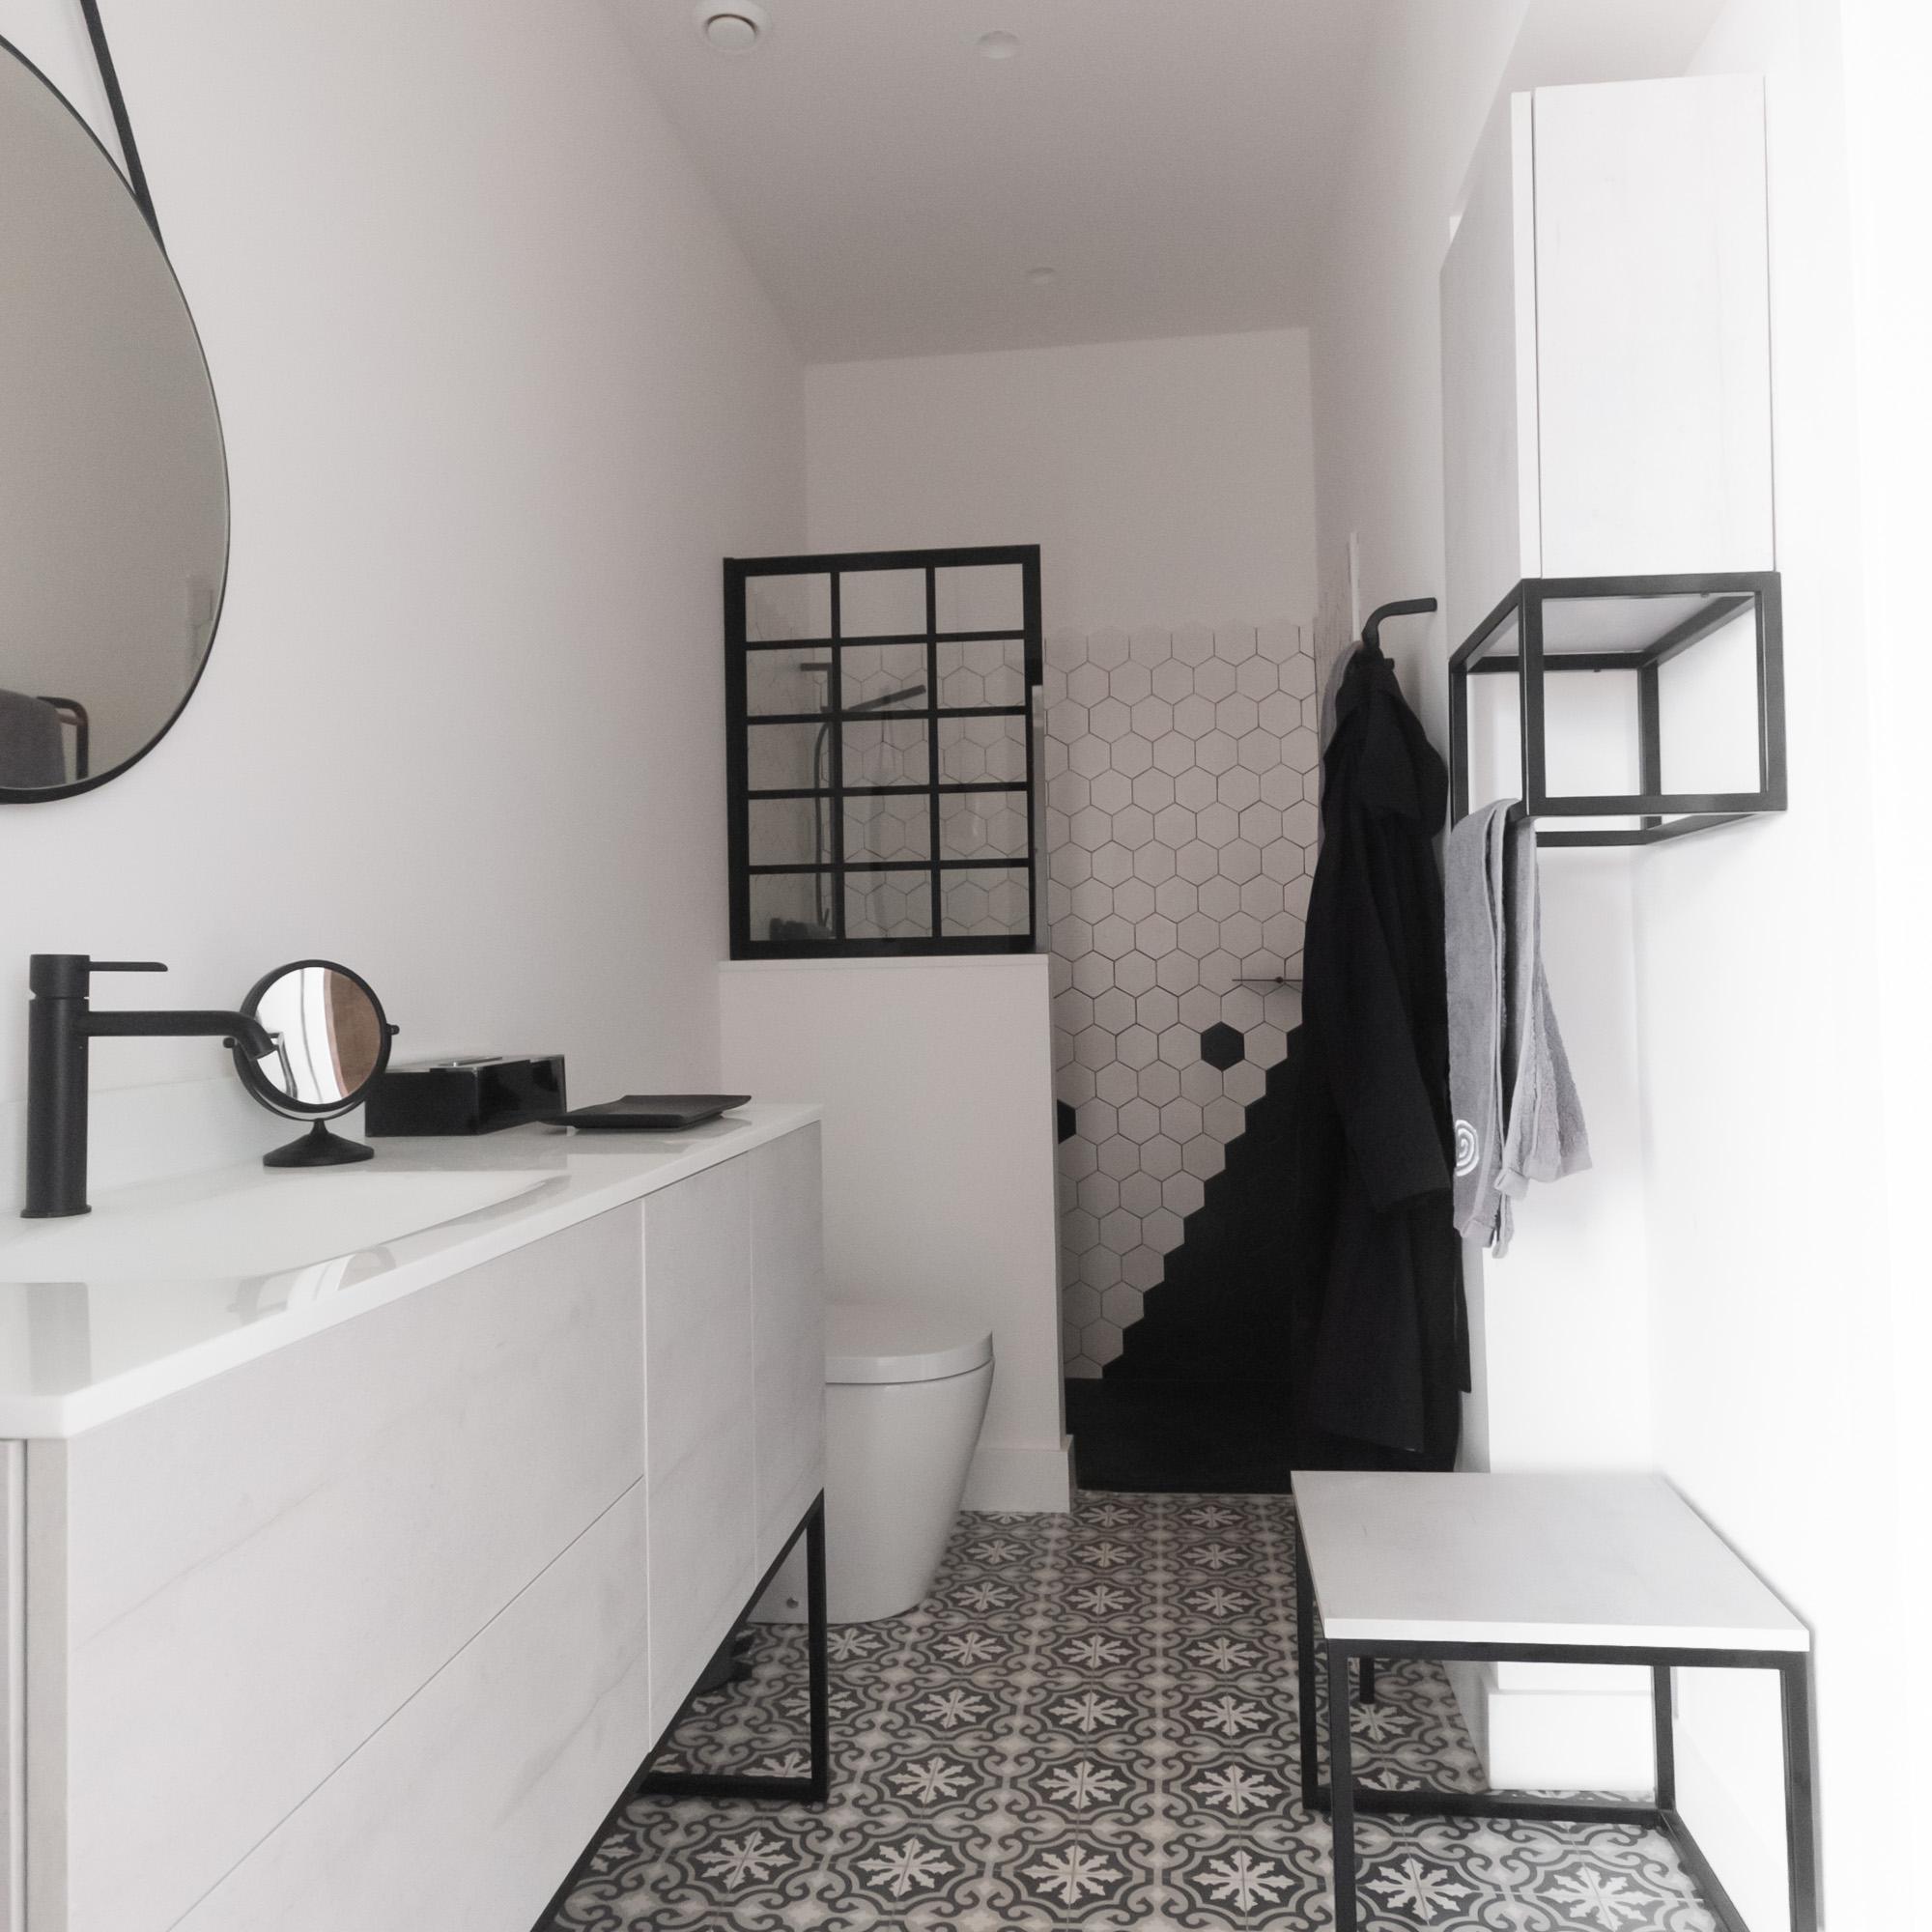 diy-portarollos-negro-con-mucho-estilo, la casa de mar orden y deco, mar Vidal, decoración, interiorismo